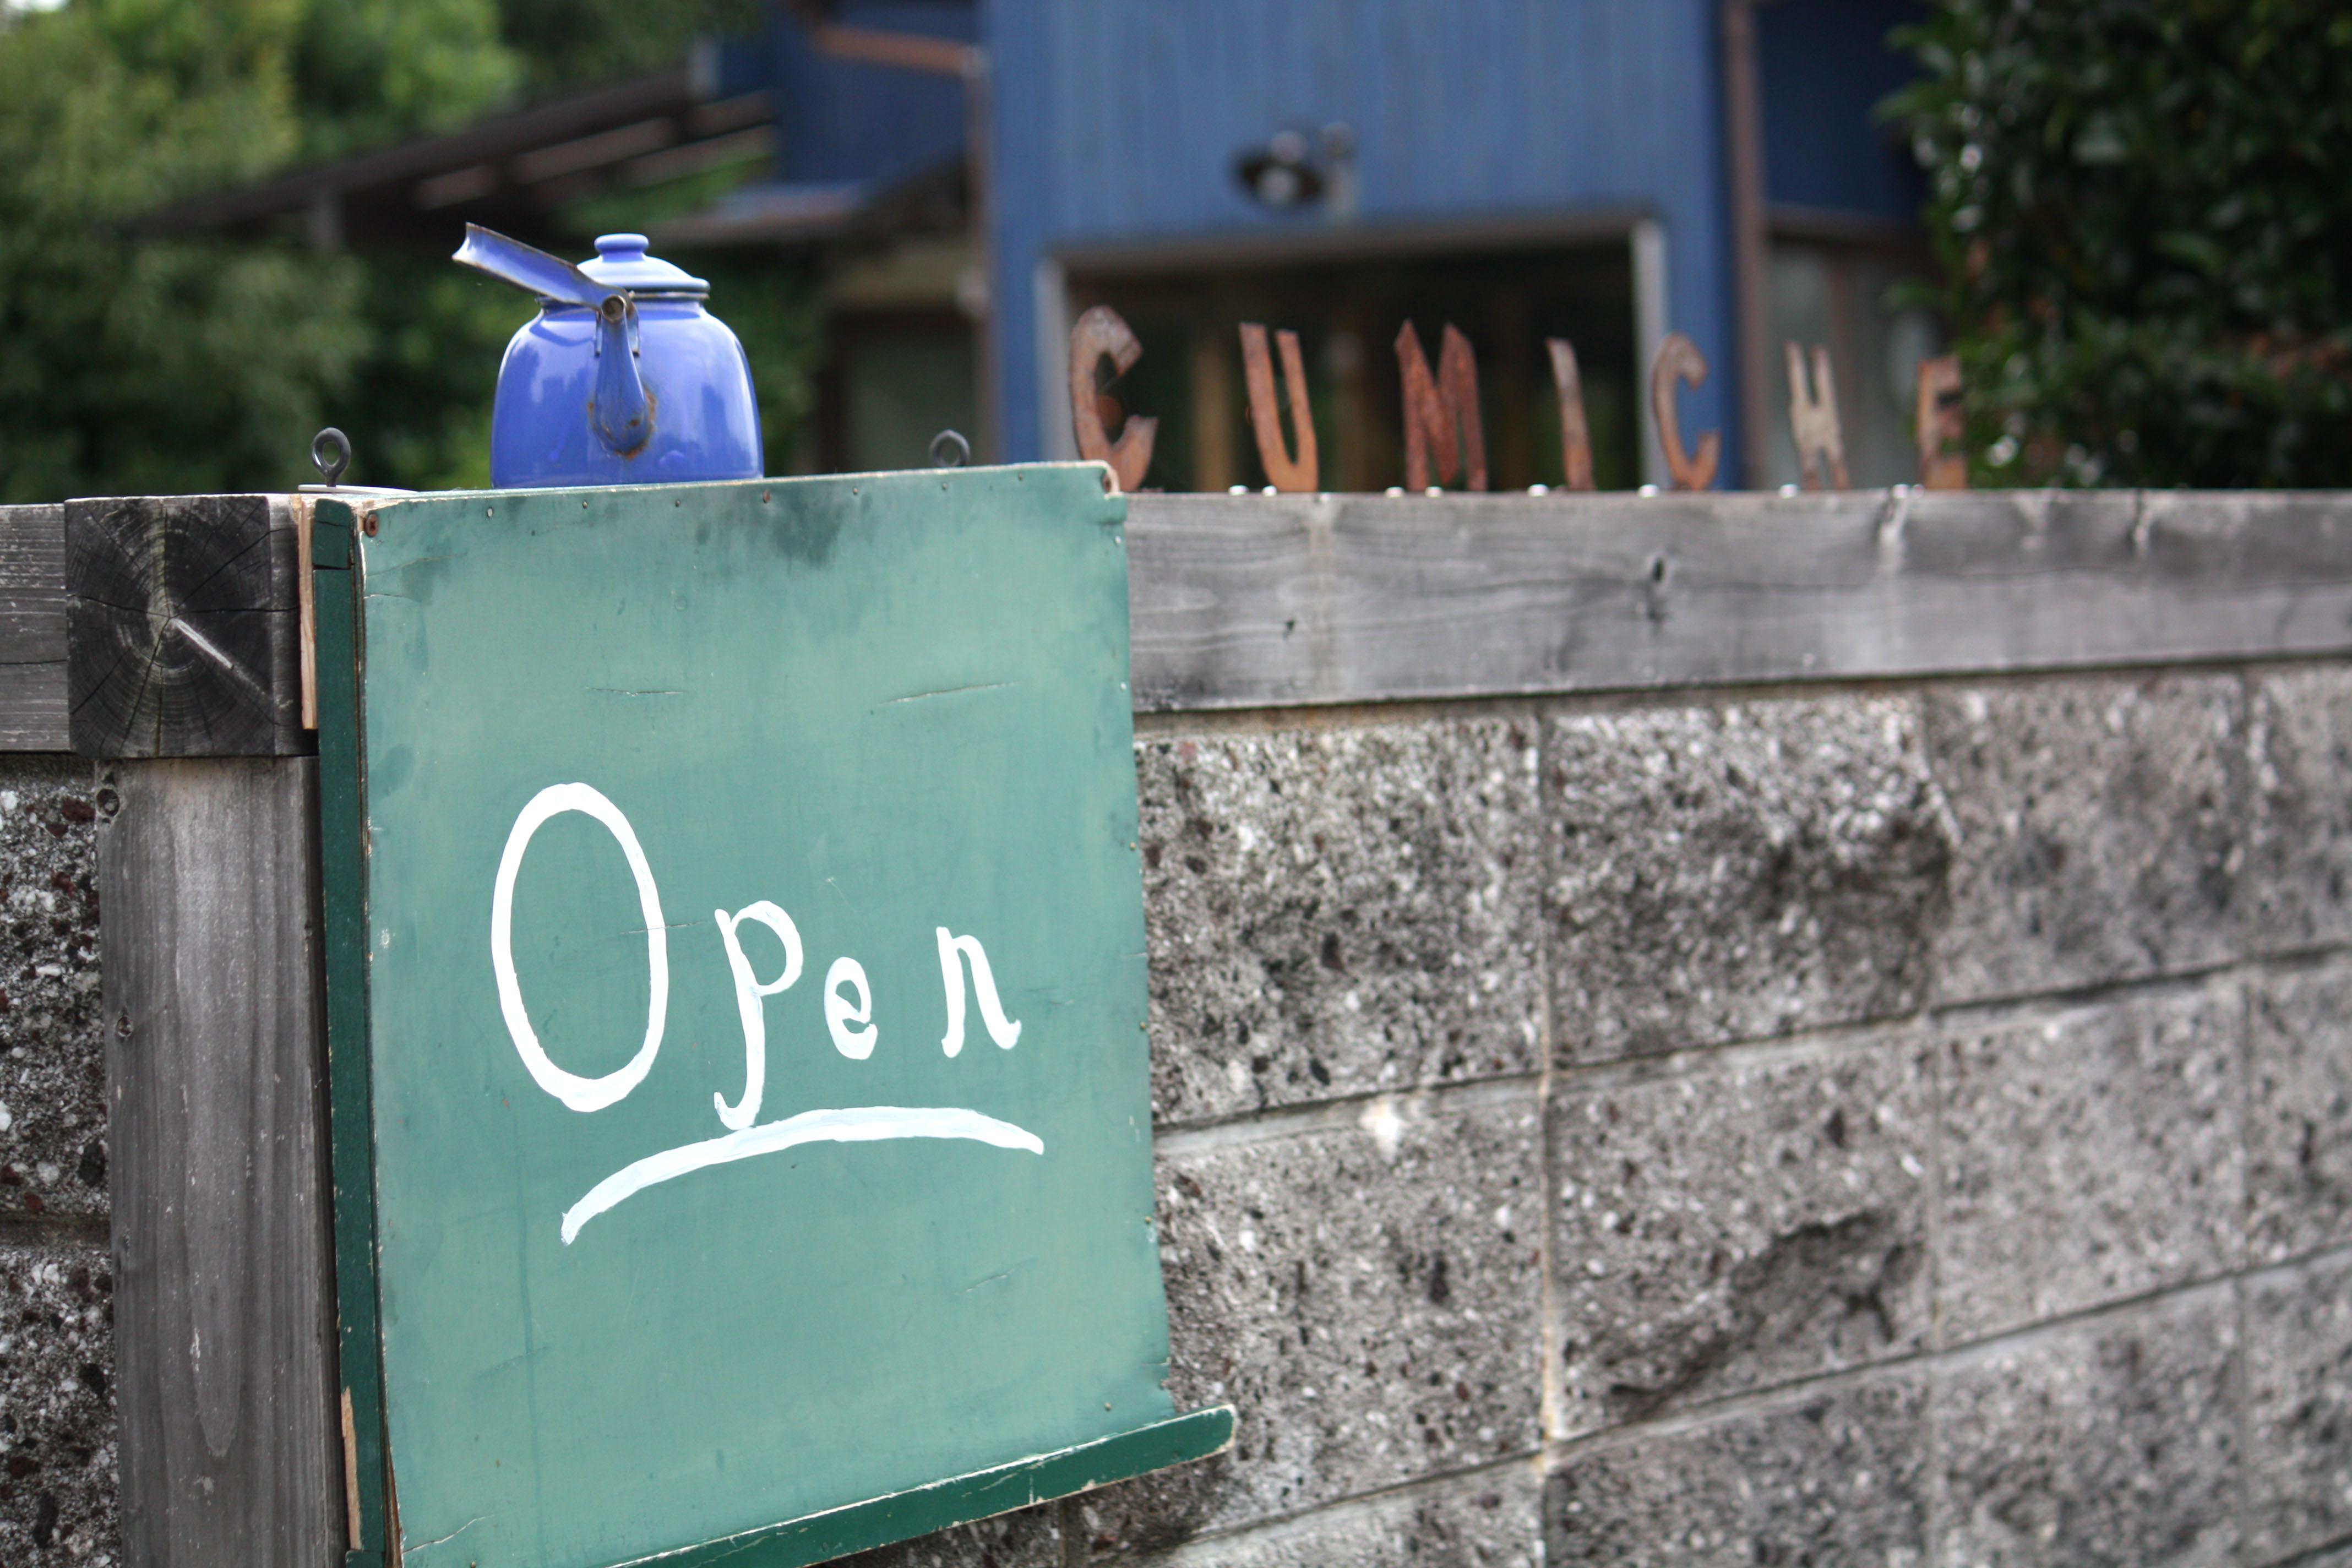 大人だけで古民家ランチ cafe cumiche(クミーチェ)-菊川市 本所-